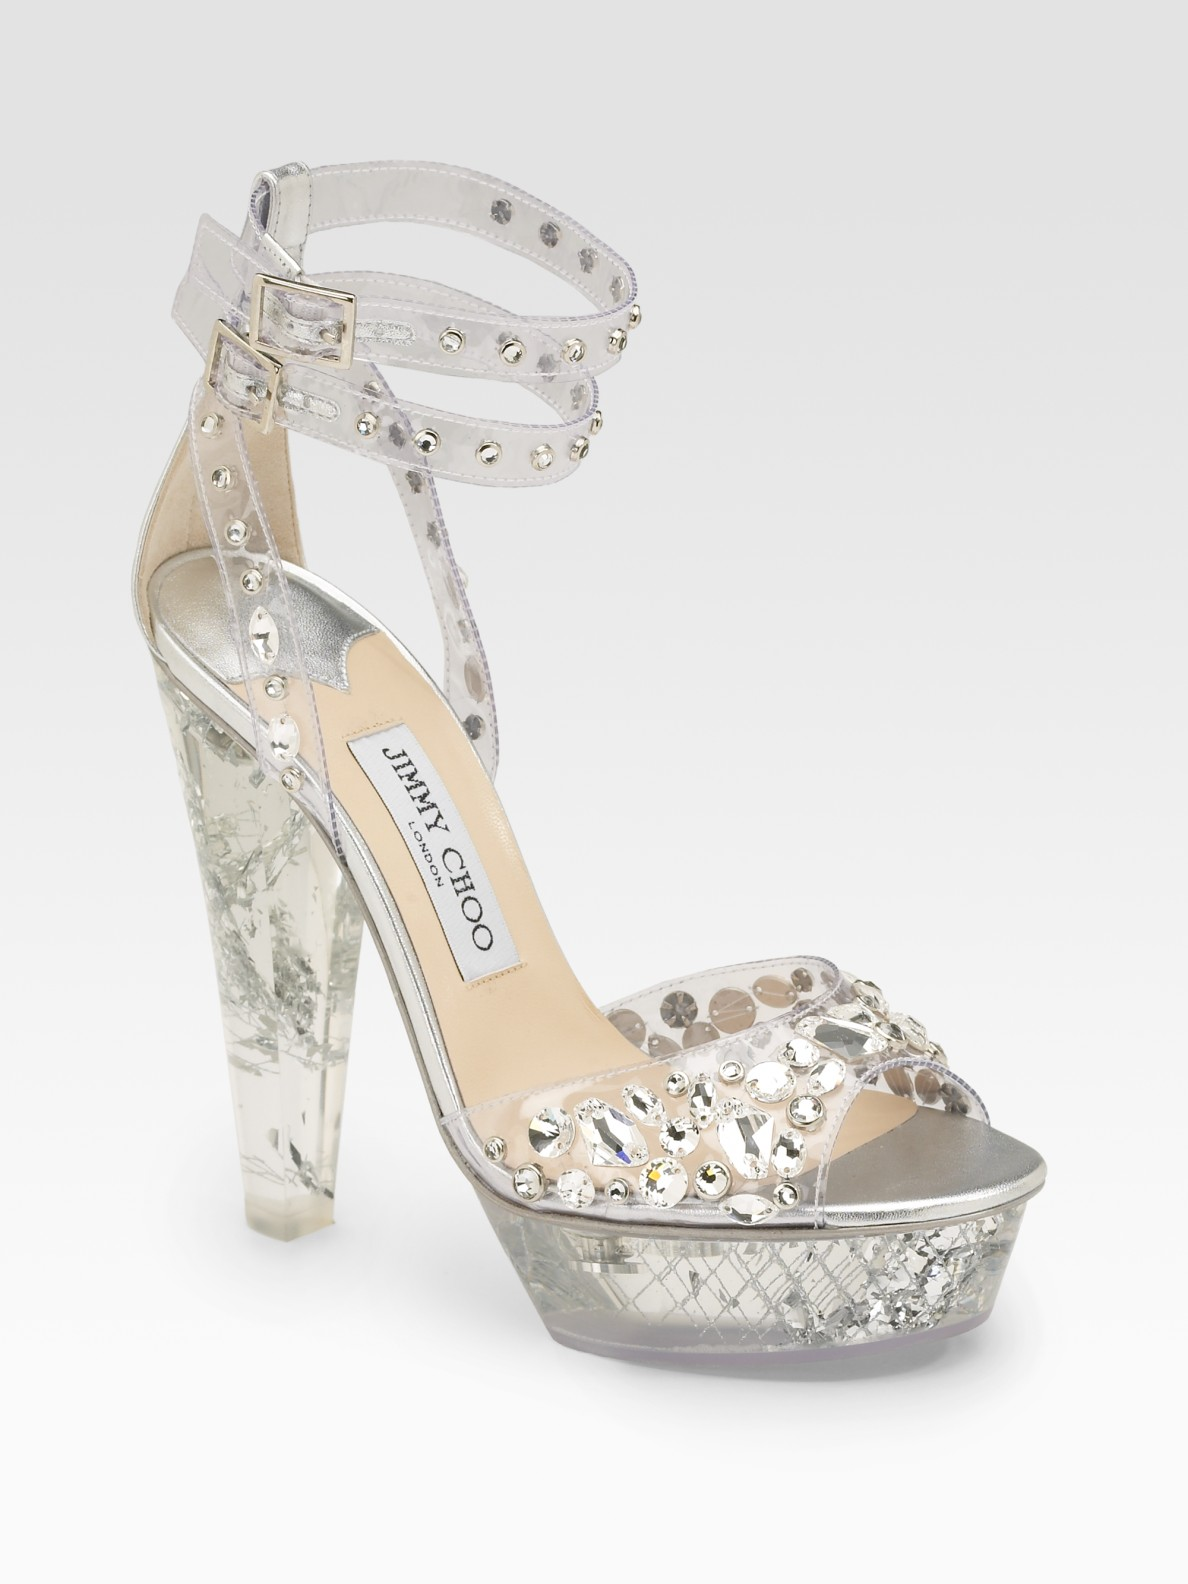 010a5c4ed1b Lyst - Jimmy Choo Niagra Plex Crystal-adorned Platform Sandals in ...